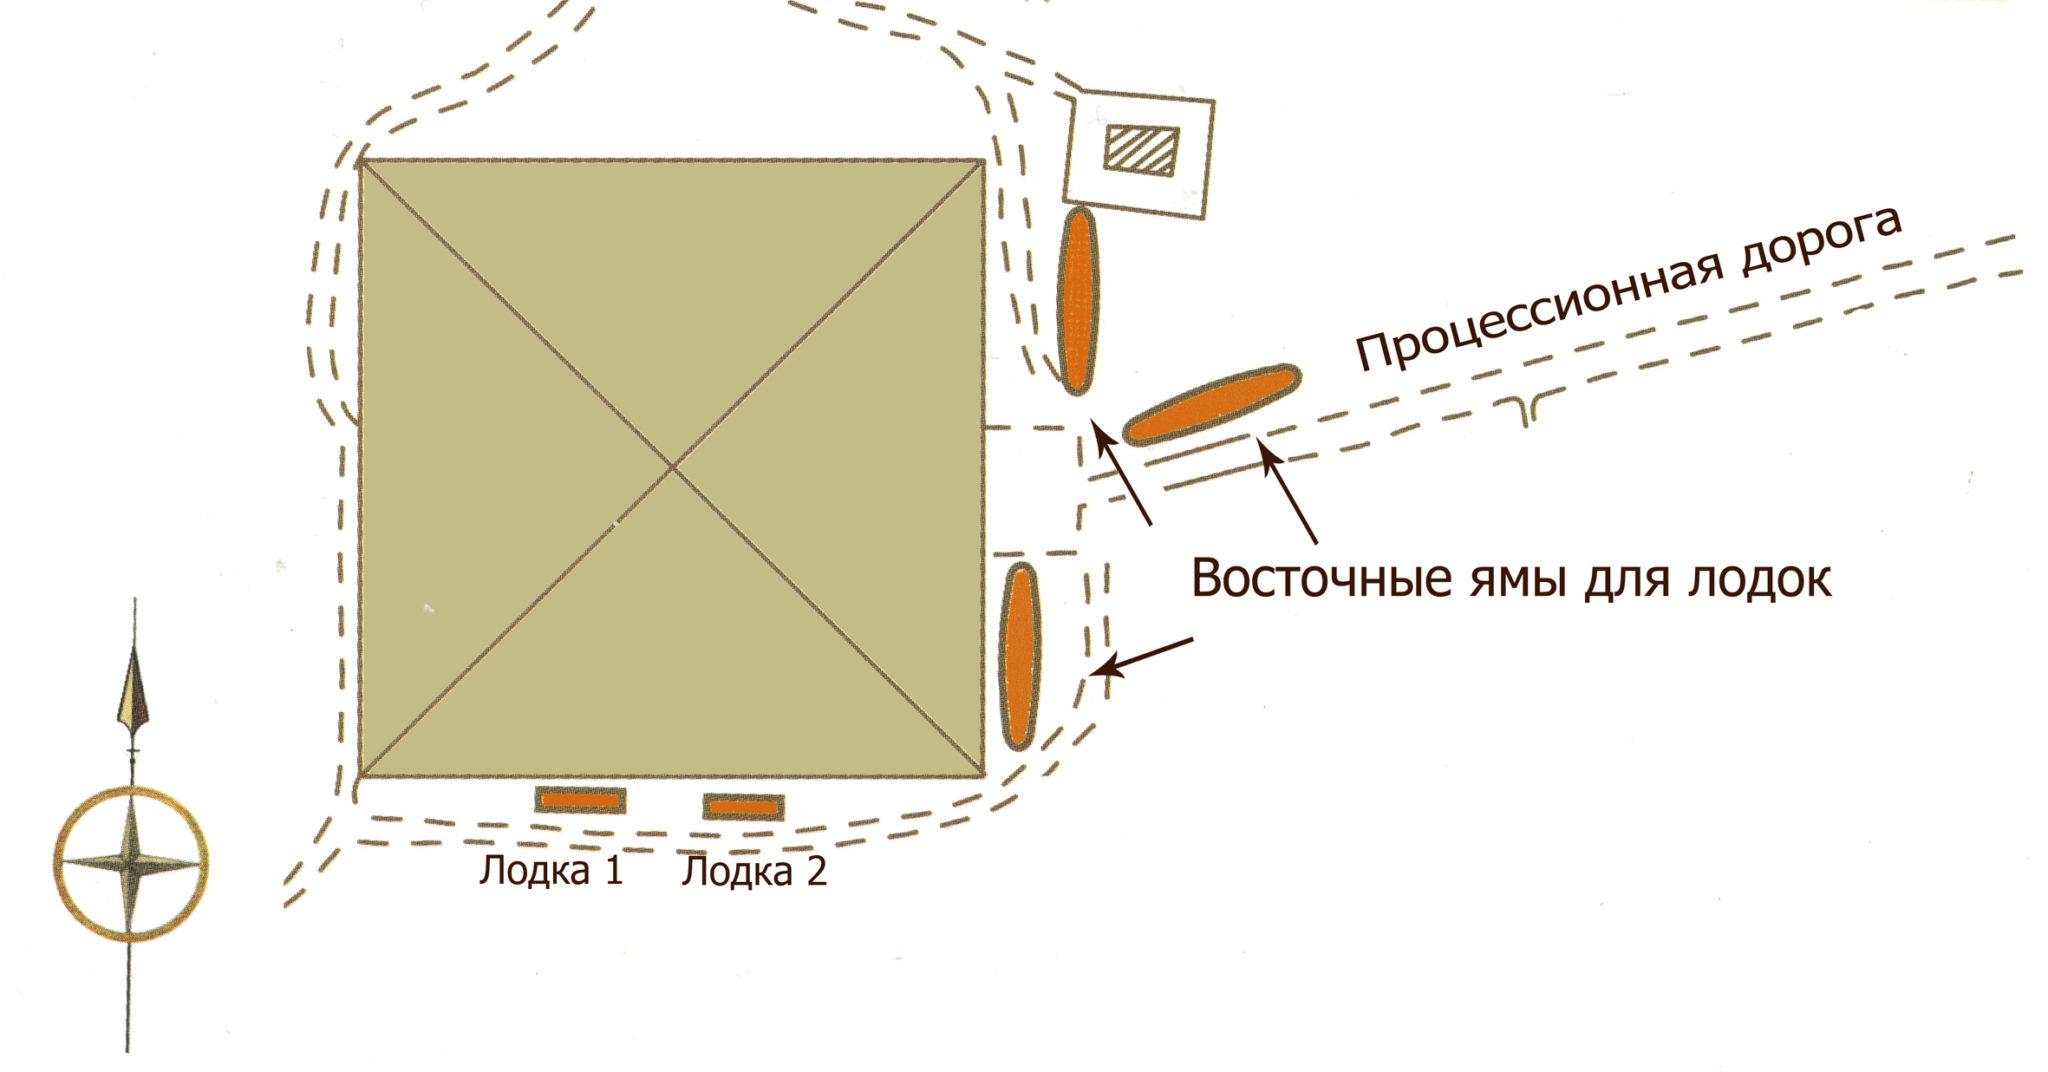 Схема расположения тайников с лодками